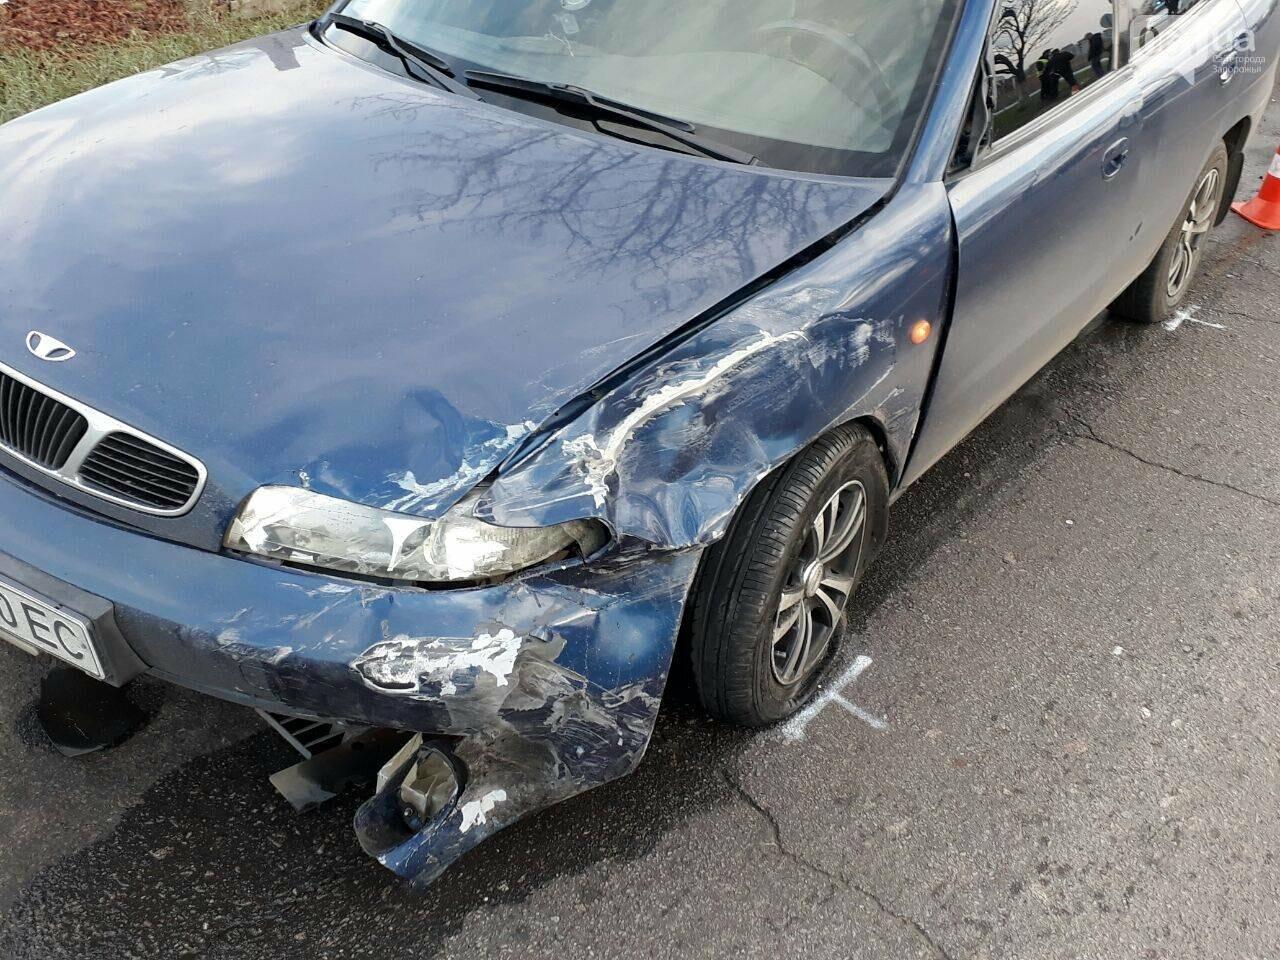 В Запорожье столкнулись два авто: у машин серьезные повреждения - ФОТО, фото-3